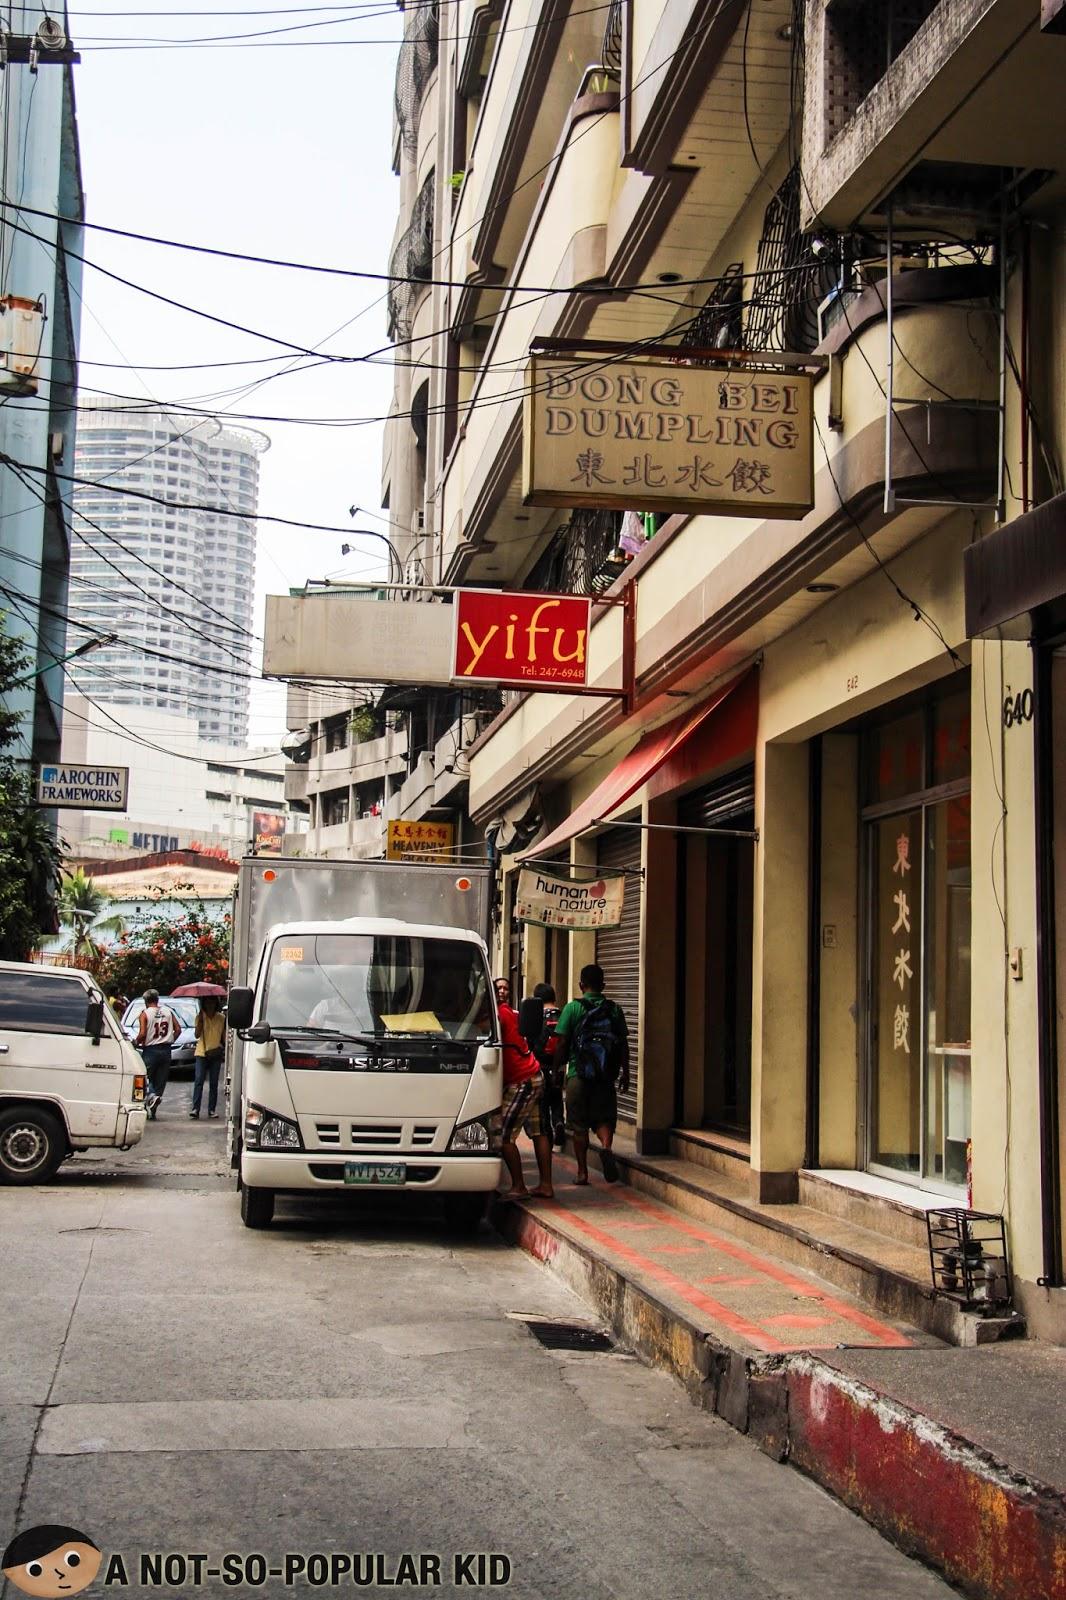 Dong Bei Dumplings in Yuchengco Street of Binondo, Manila